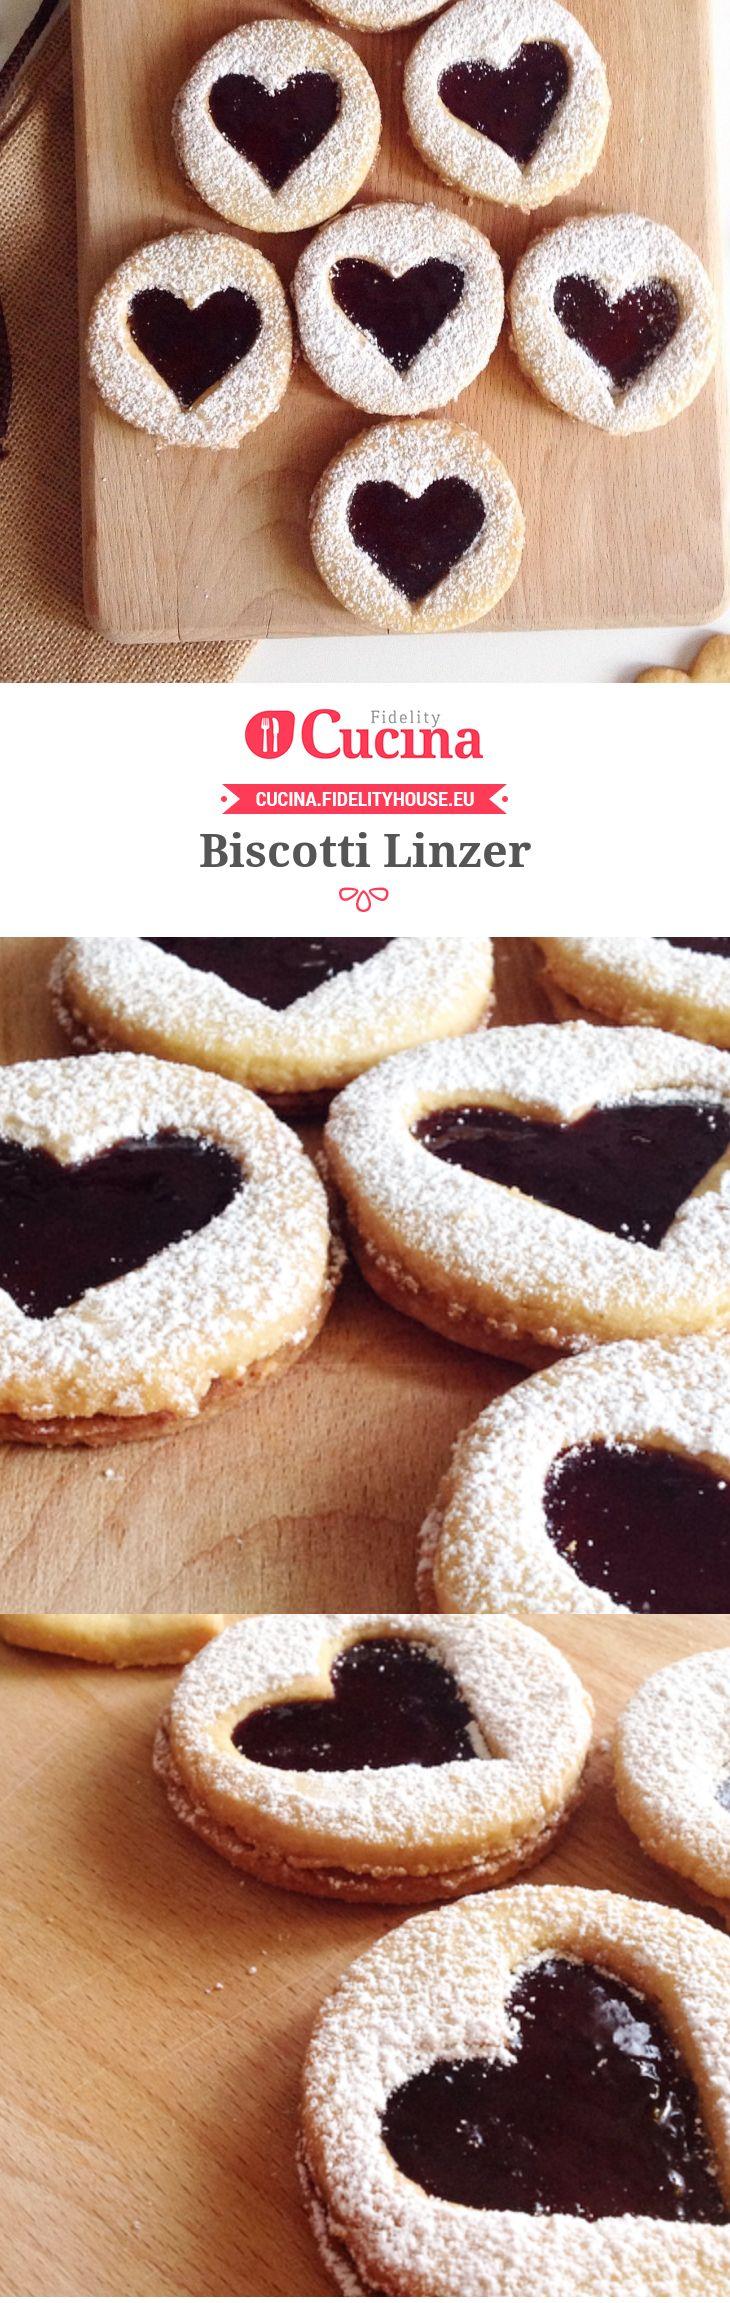 Biscotti Linzer della nostra utente Marta. Unisciti alla nostra Community ed invia le tue ricette!